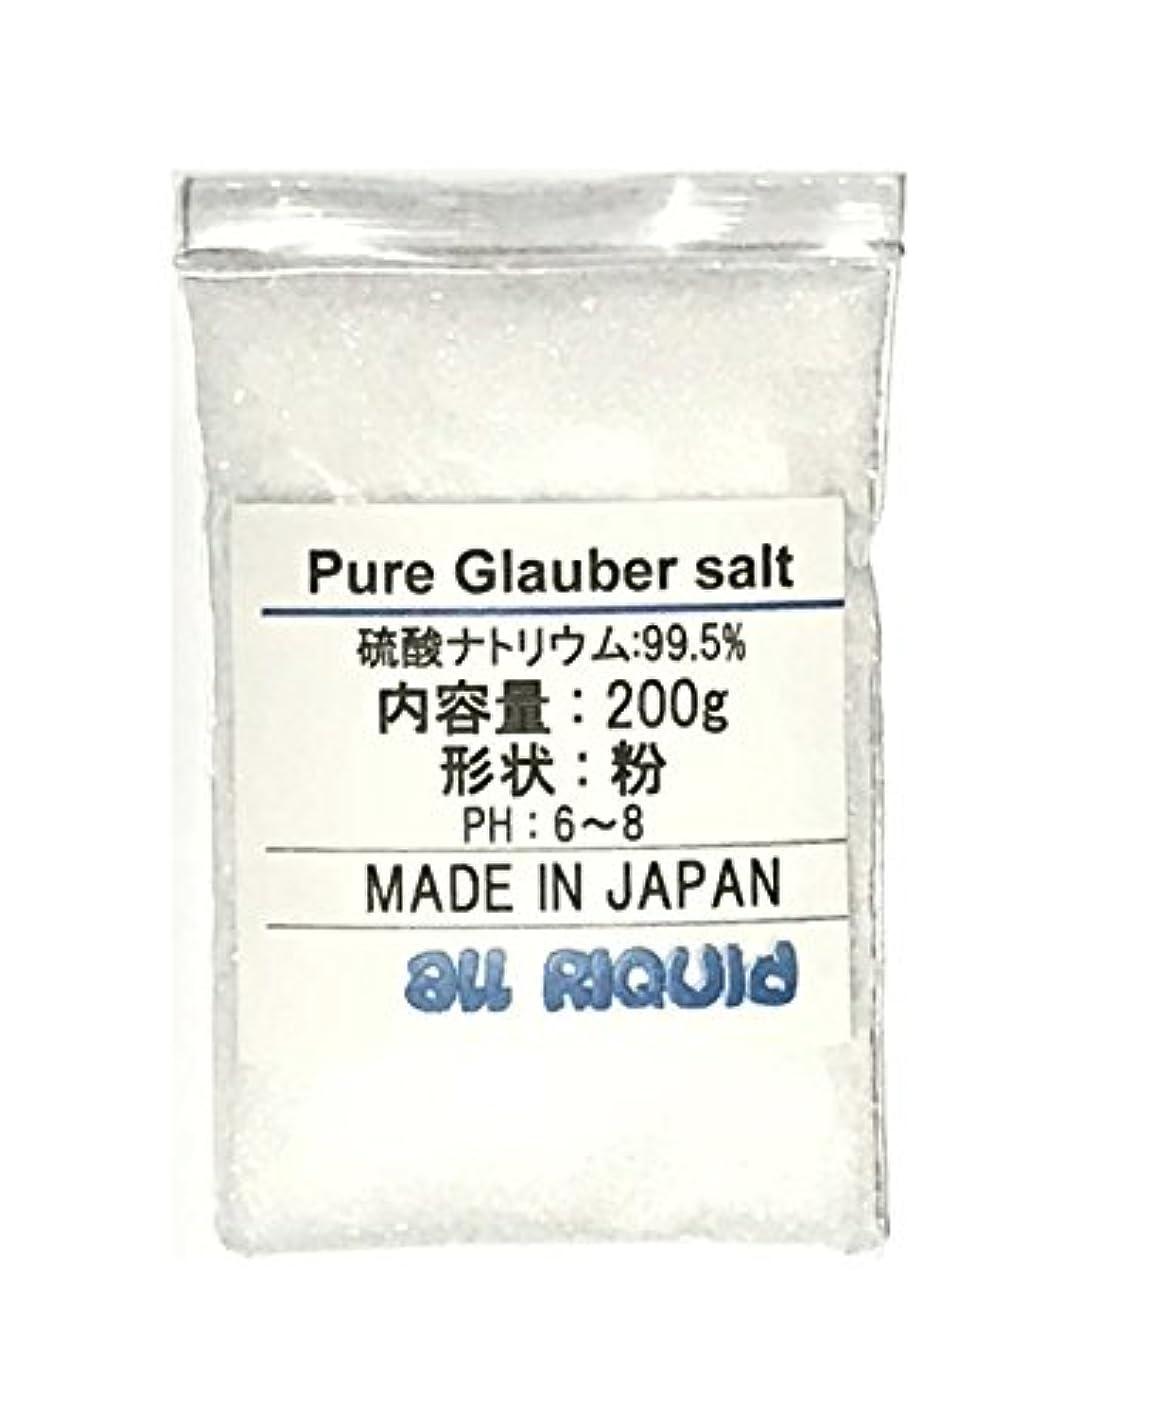 スプリット大胆不敵鉄道純 グラウバーソルト 200g x5 (硫酸ナトリウム) 50回分 99.5% 国産品 オールリキッド 芒硝